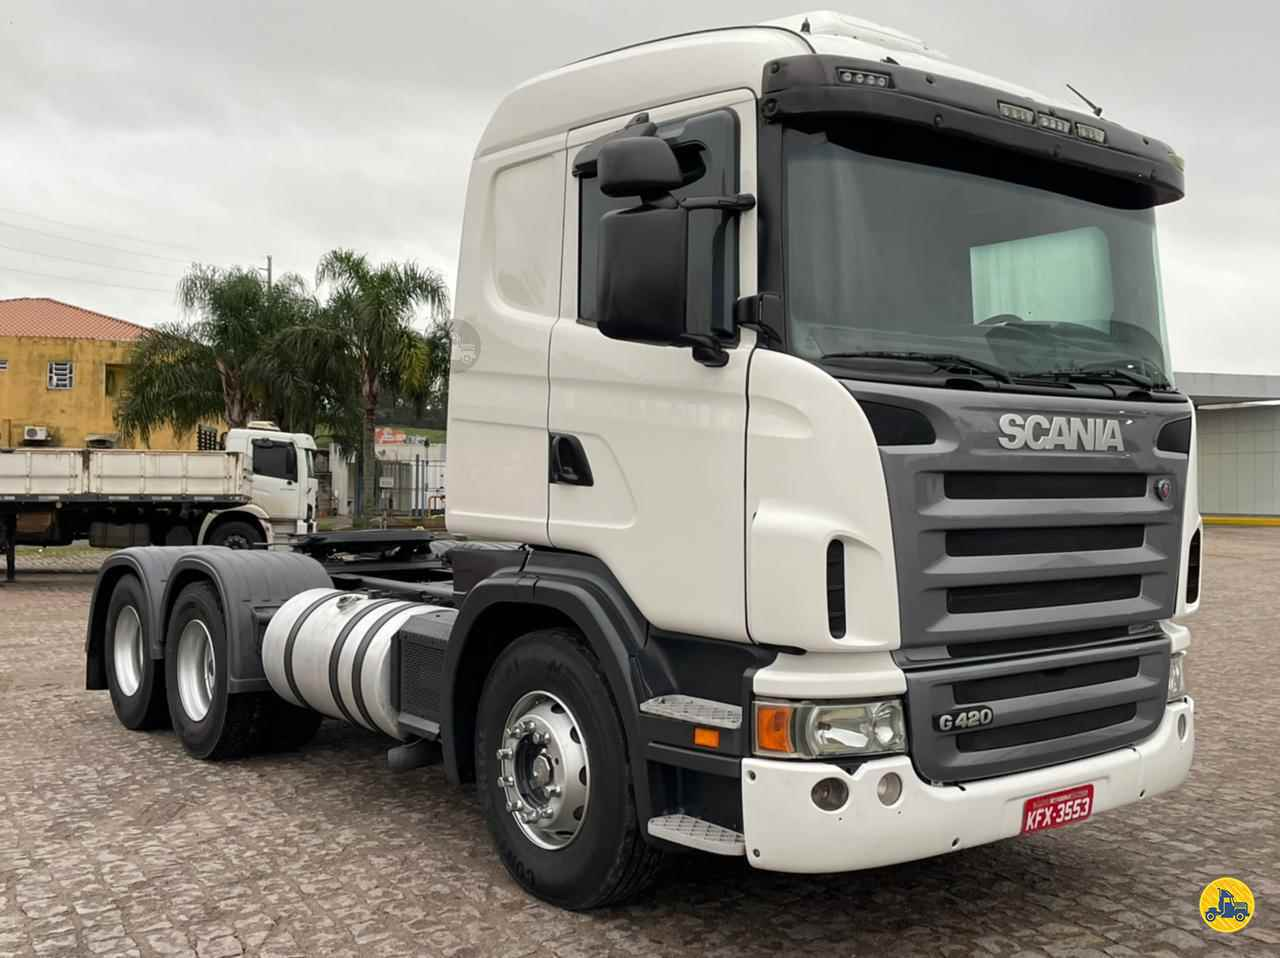 CAMINHAO SCANIA SCANIA 420 Cavalo Mecânico Truck 6x2 Freccia Caminhões JAGUARUNA SANTA CATARINA SC